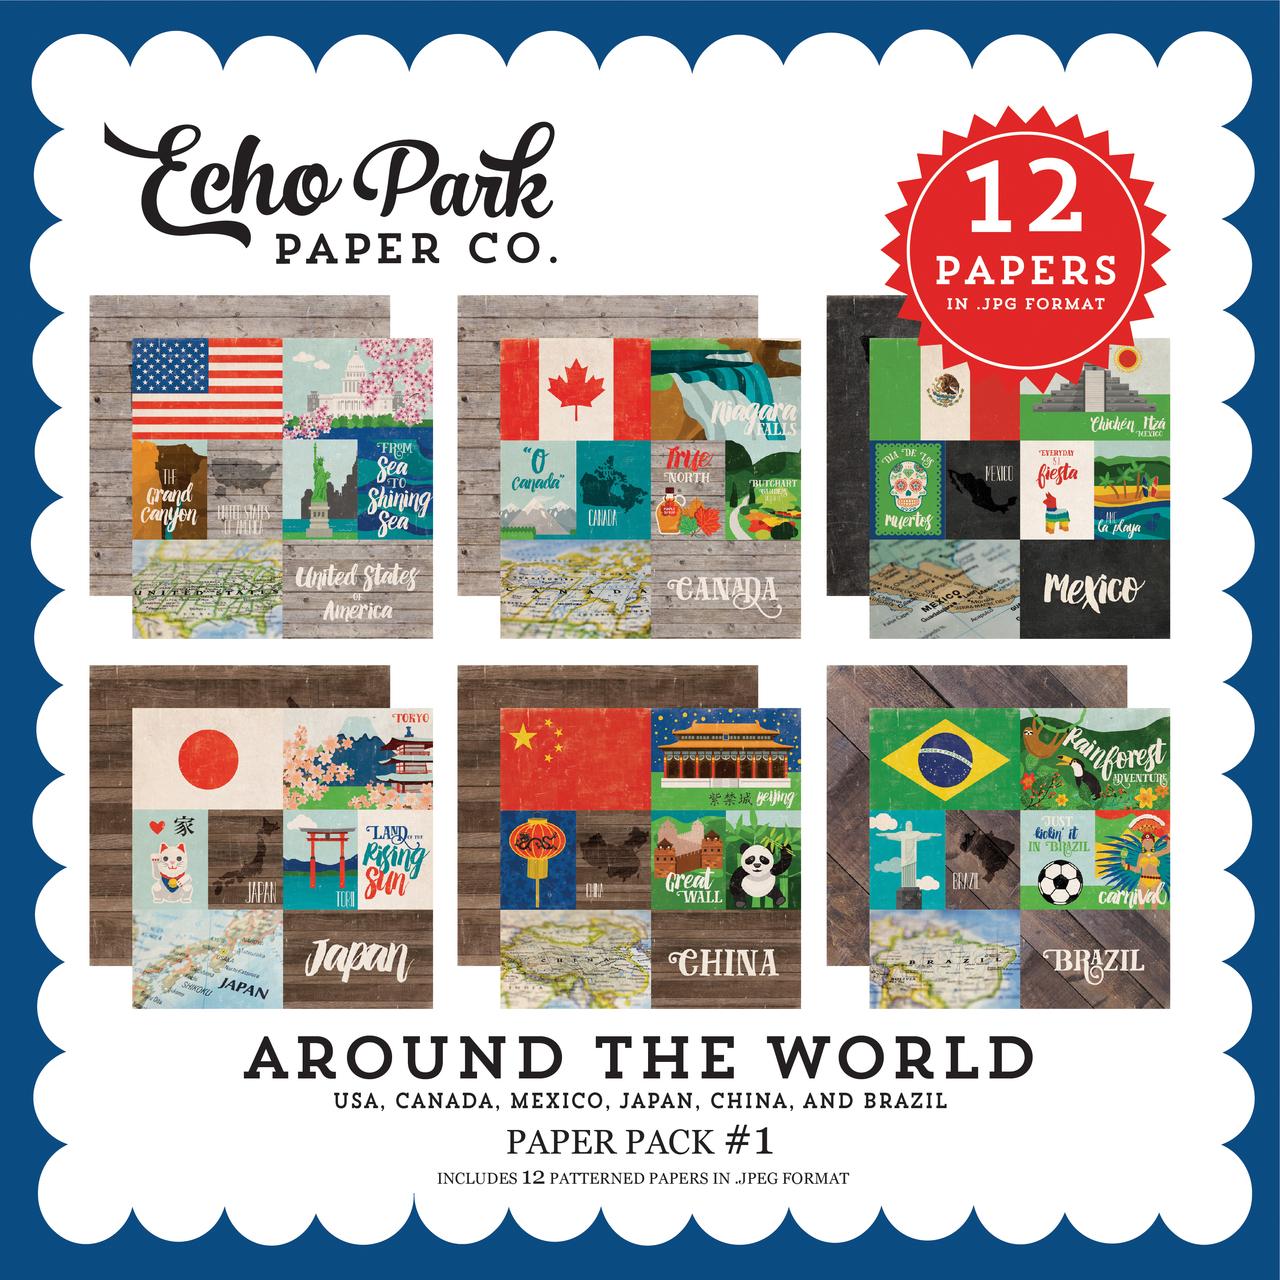 Around the World Paper Pack #1